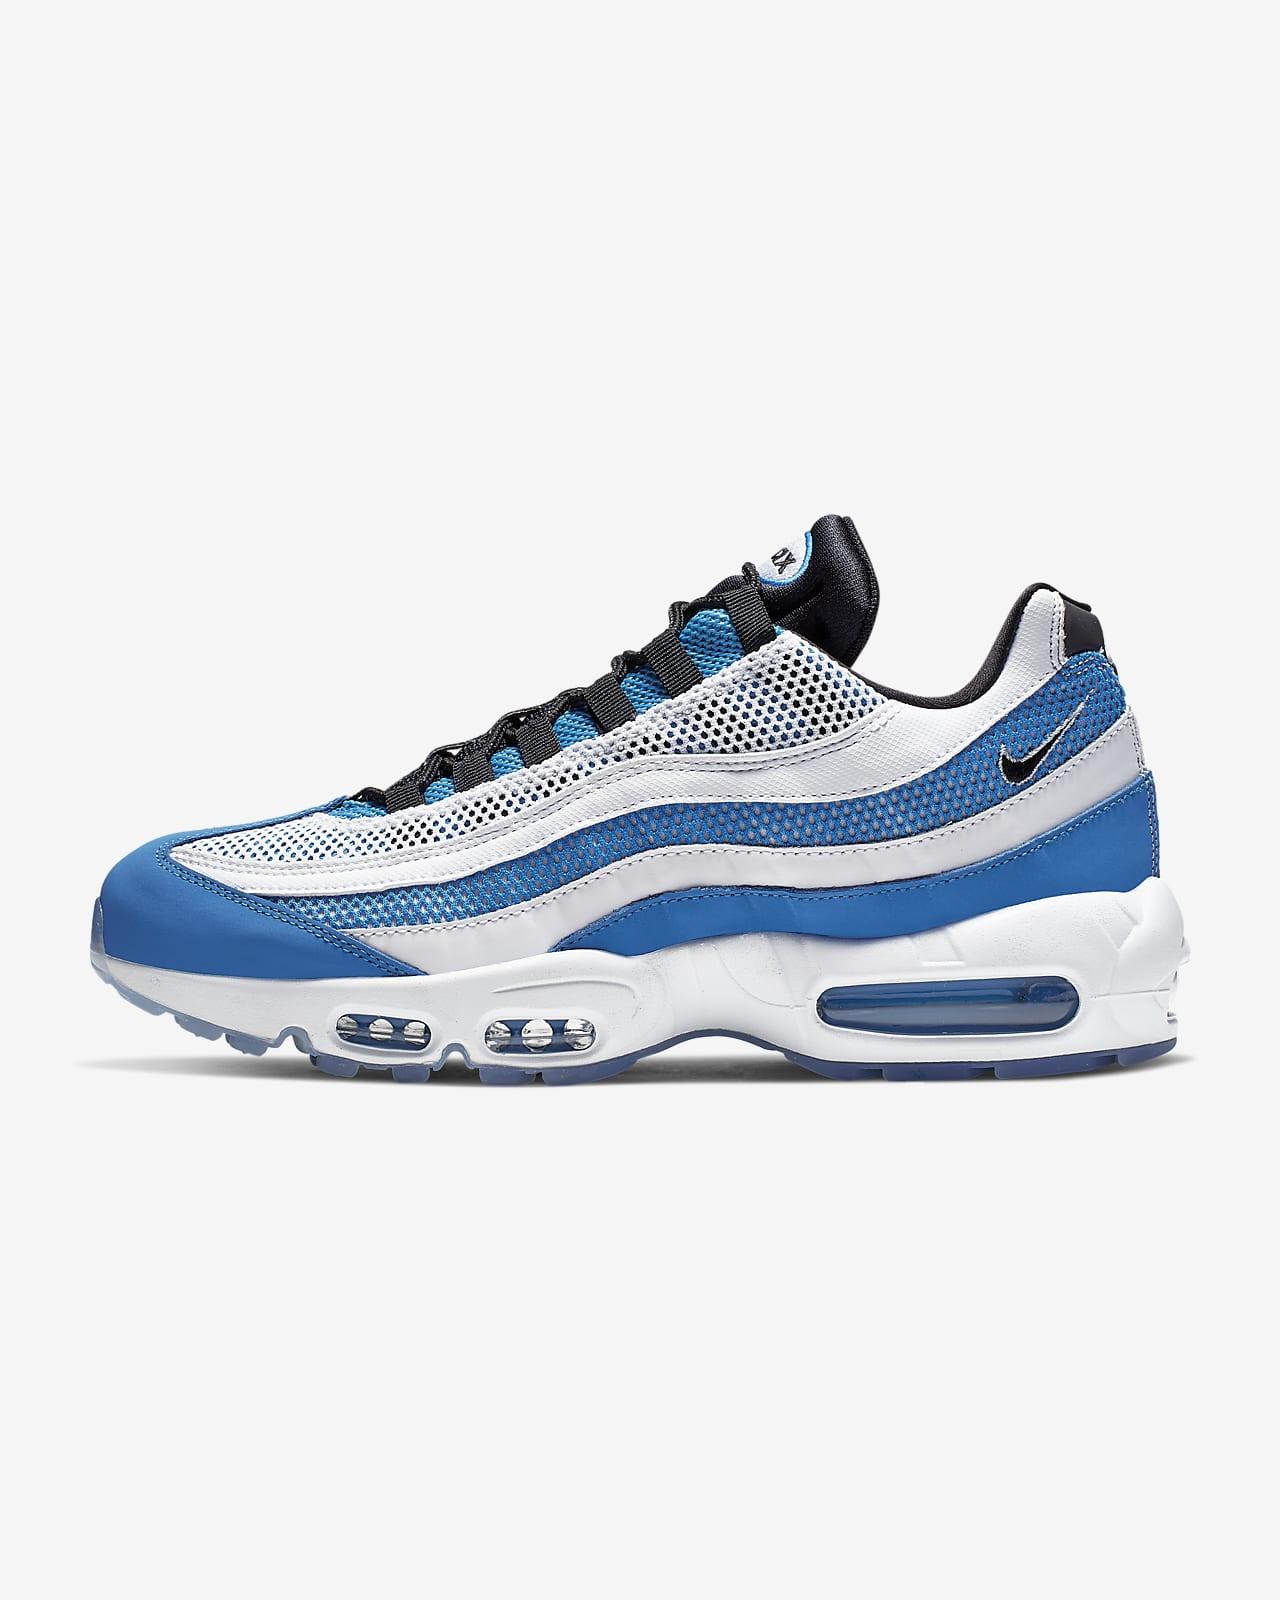 Nike Air Max 95 Essential 男子运动鞋